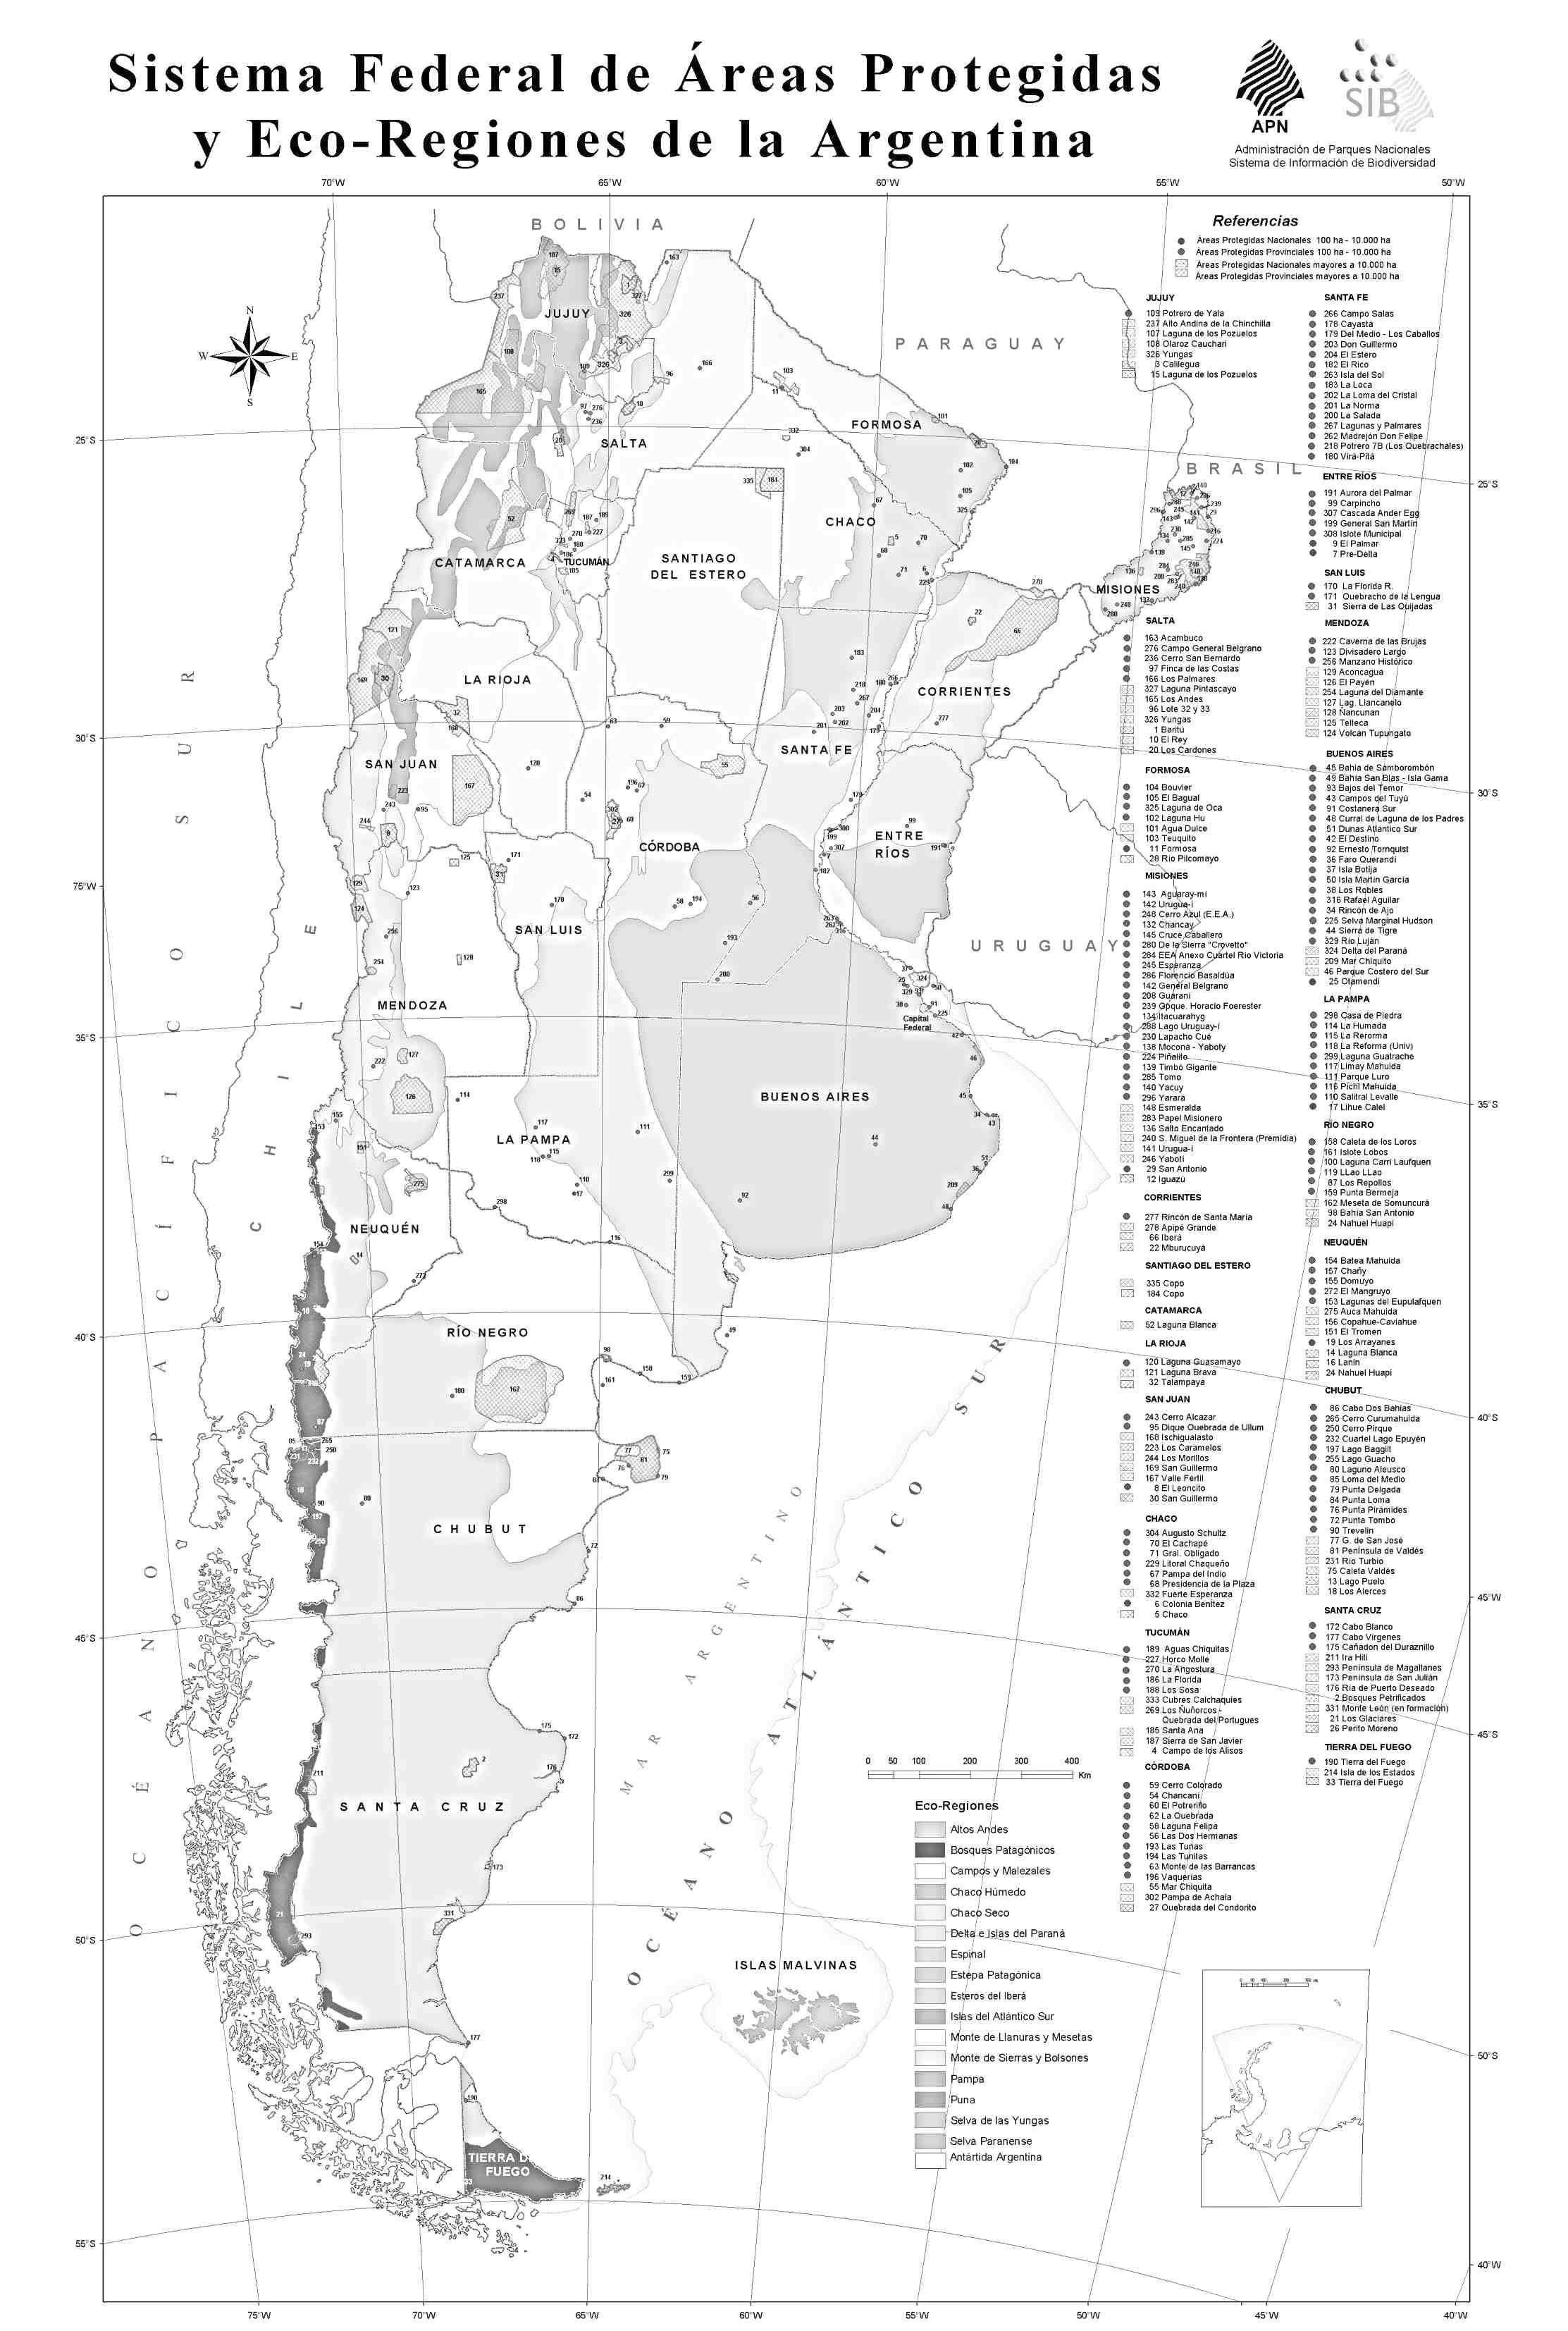 MAPASMURALES  PARA JEFATURAS REGIONALES Y DISTRITALES